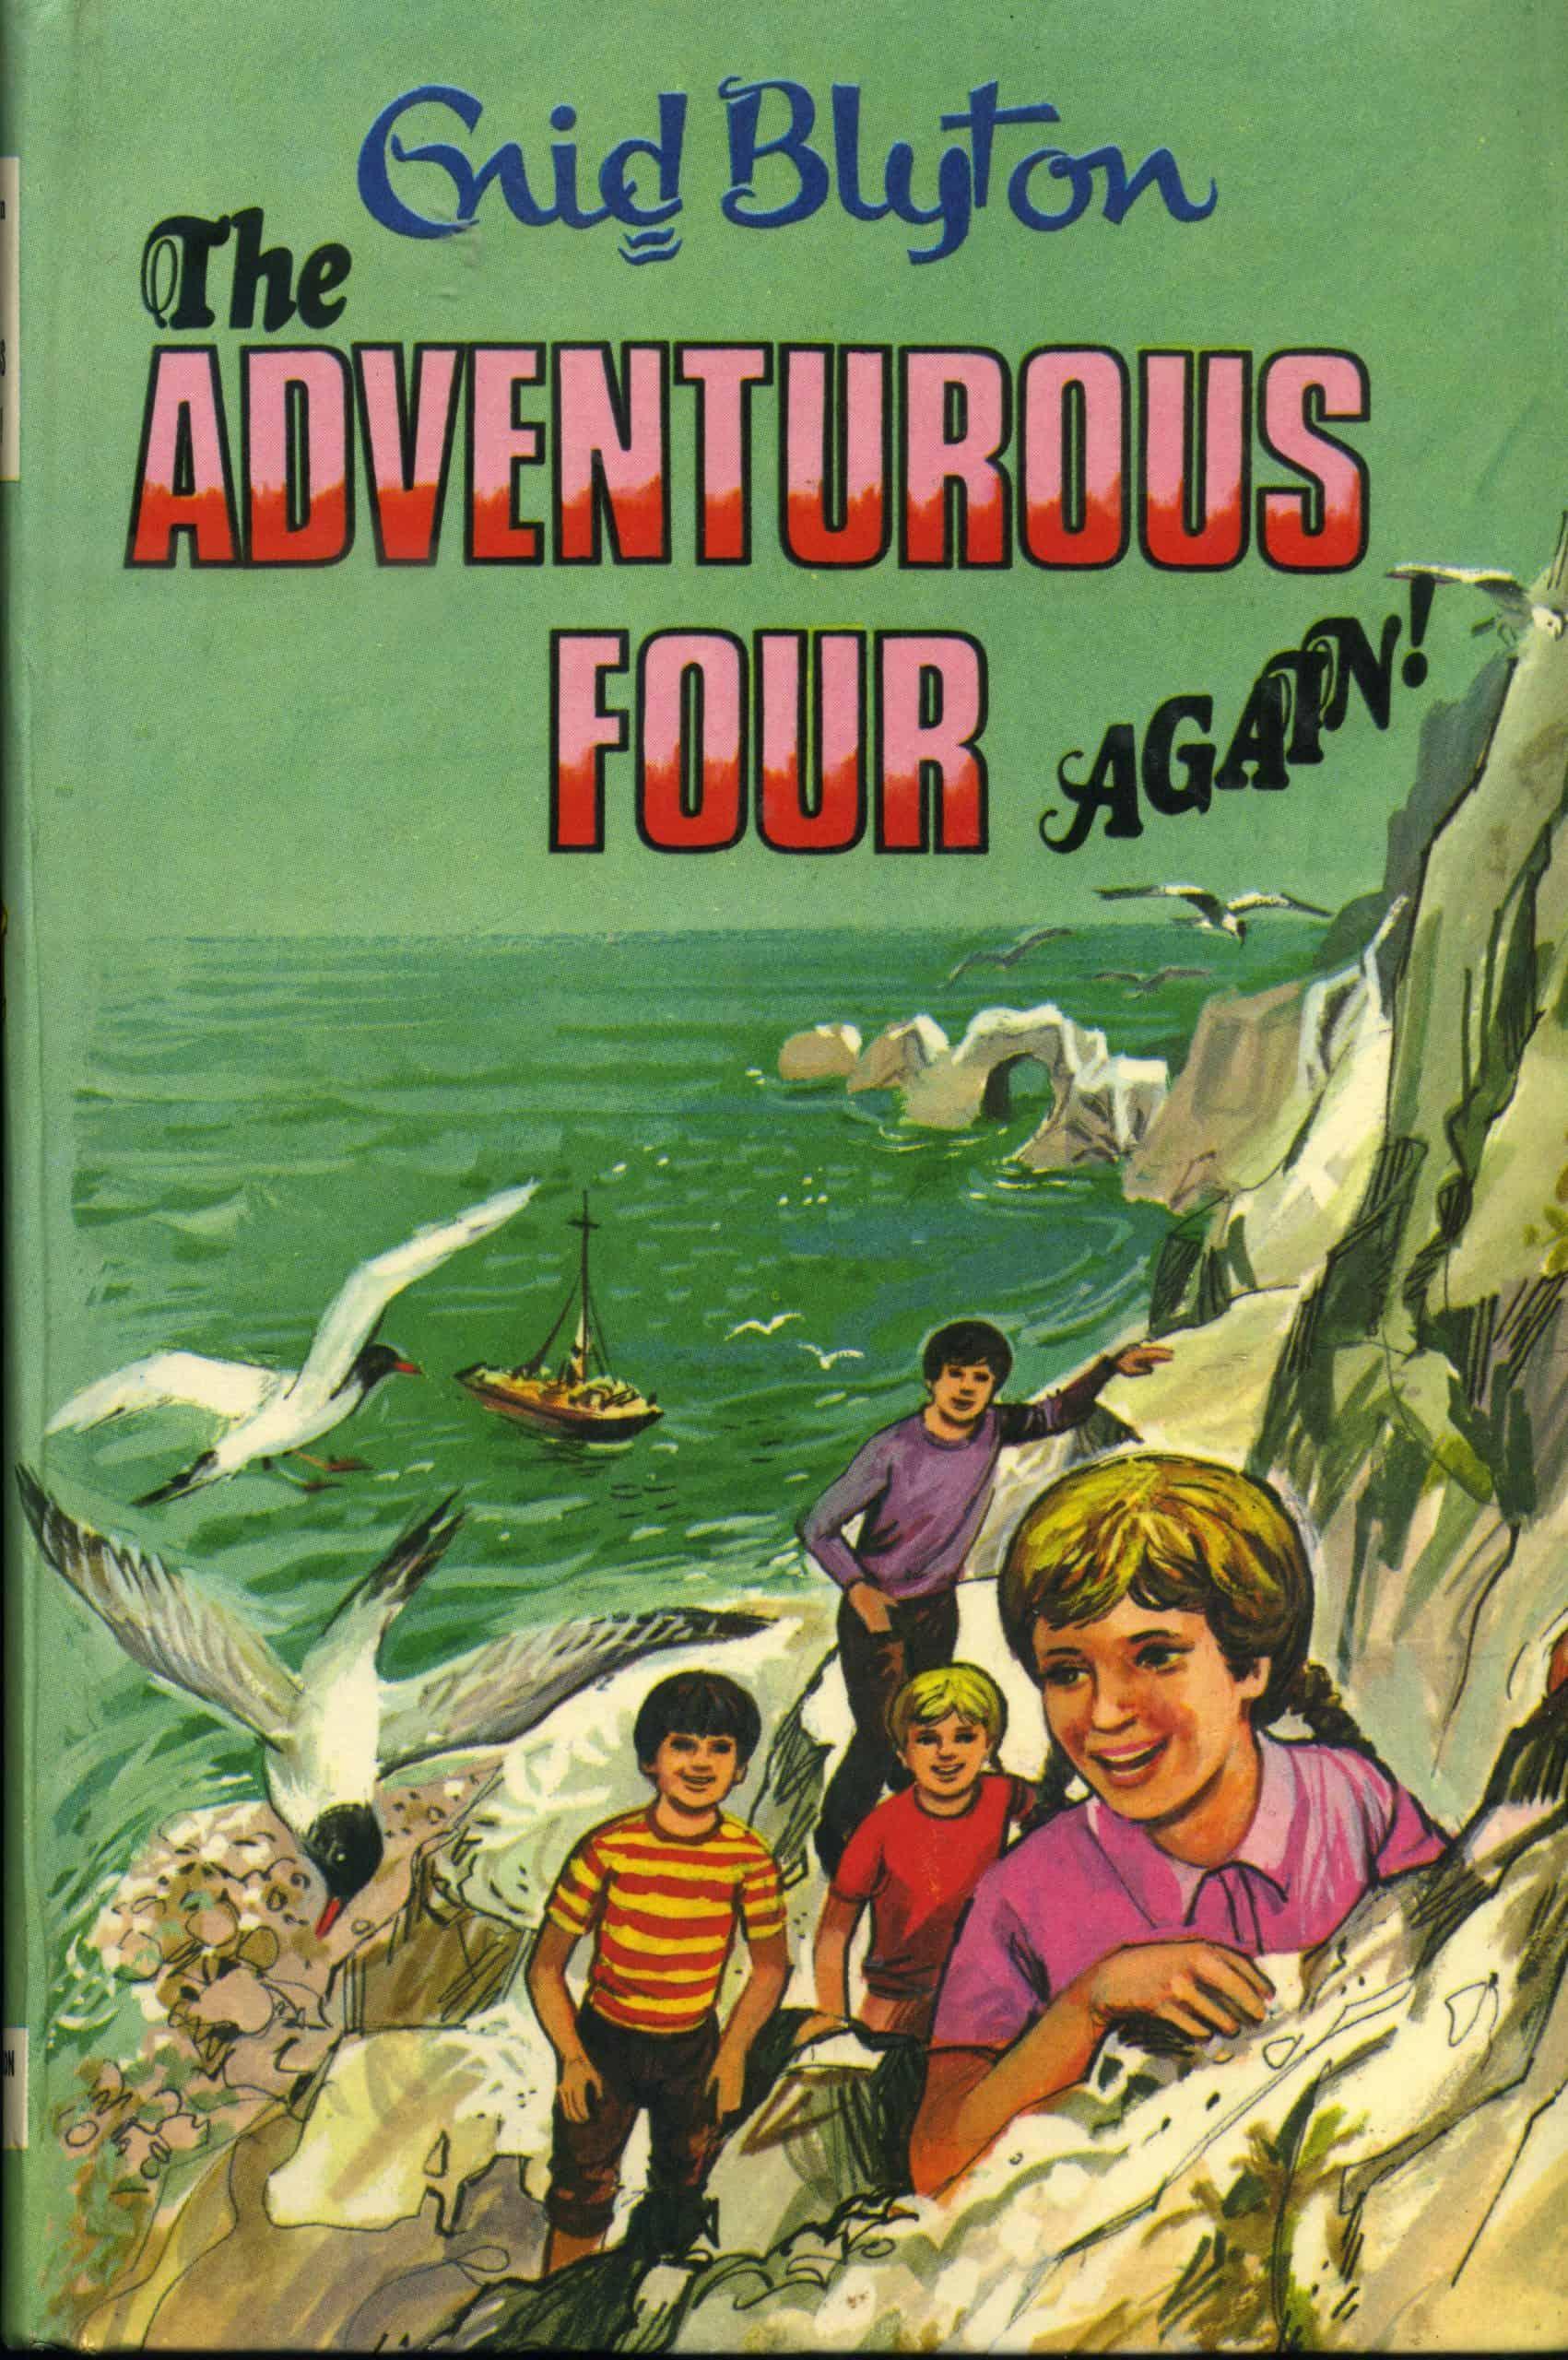 the adventurous four again enid blyton